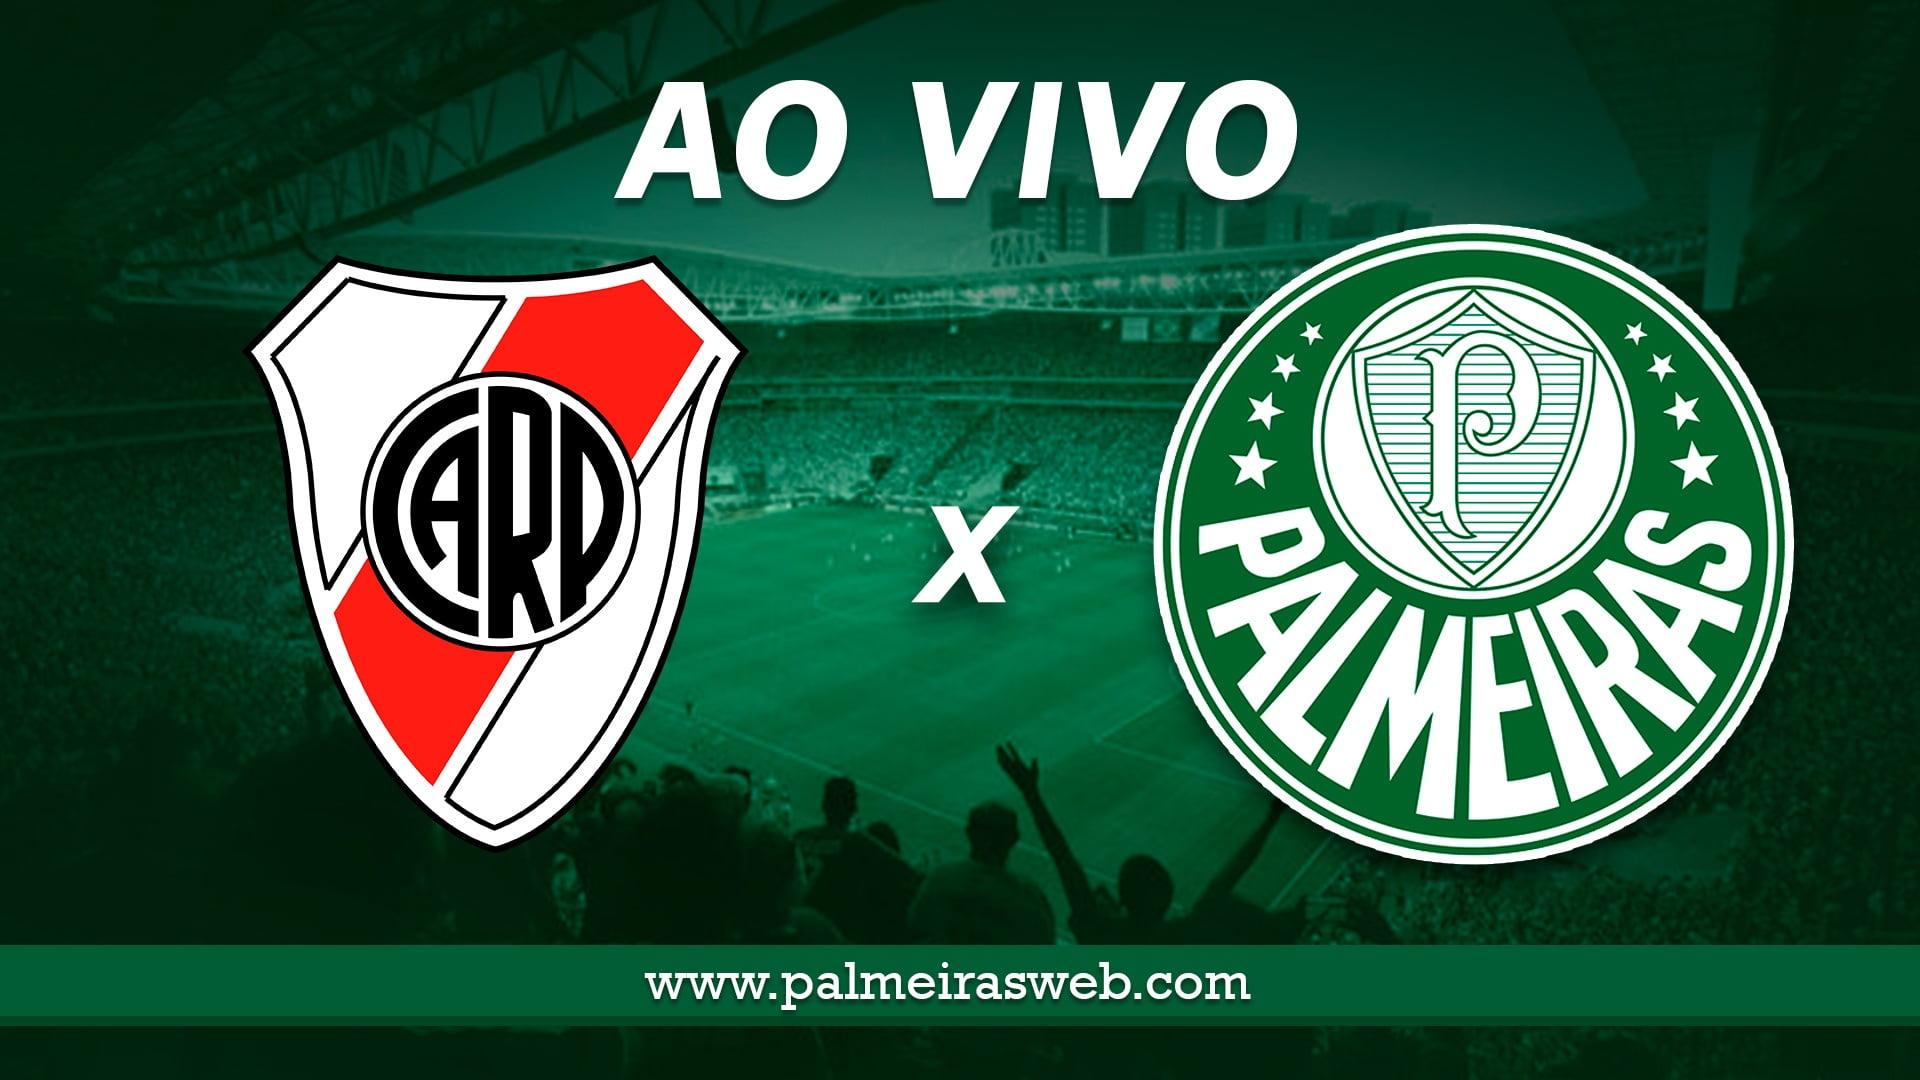 River Plate x Palmeiras AO VIVO